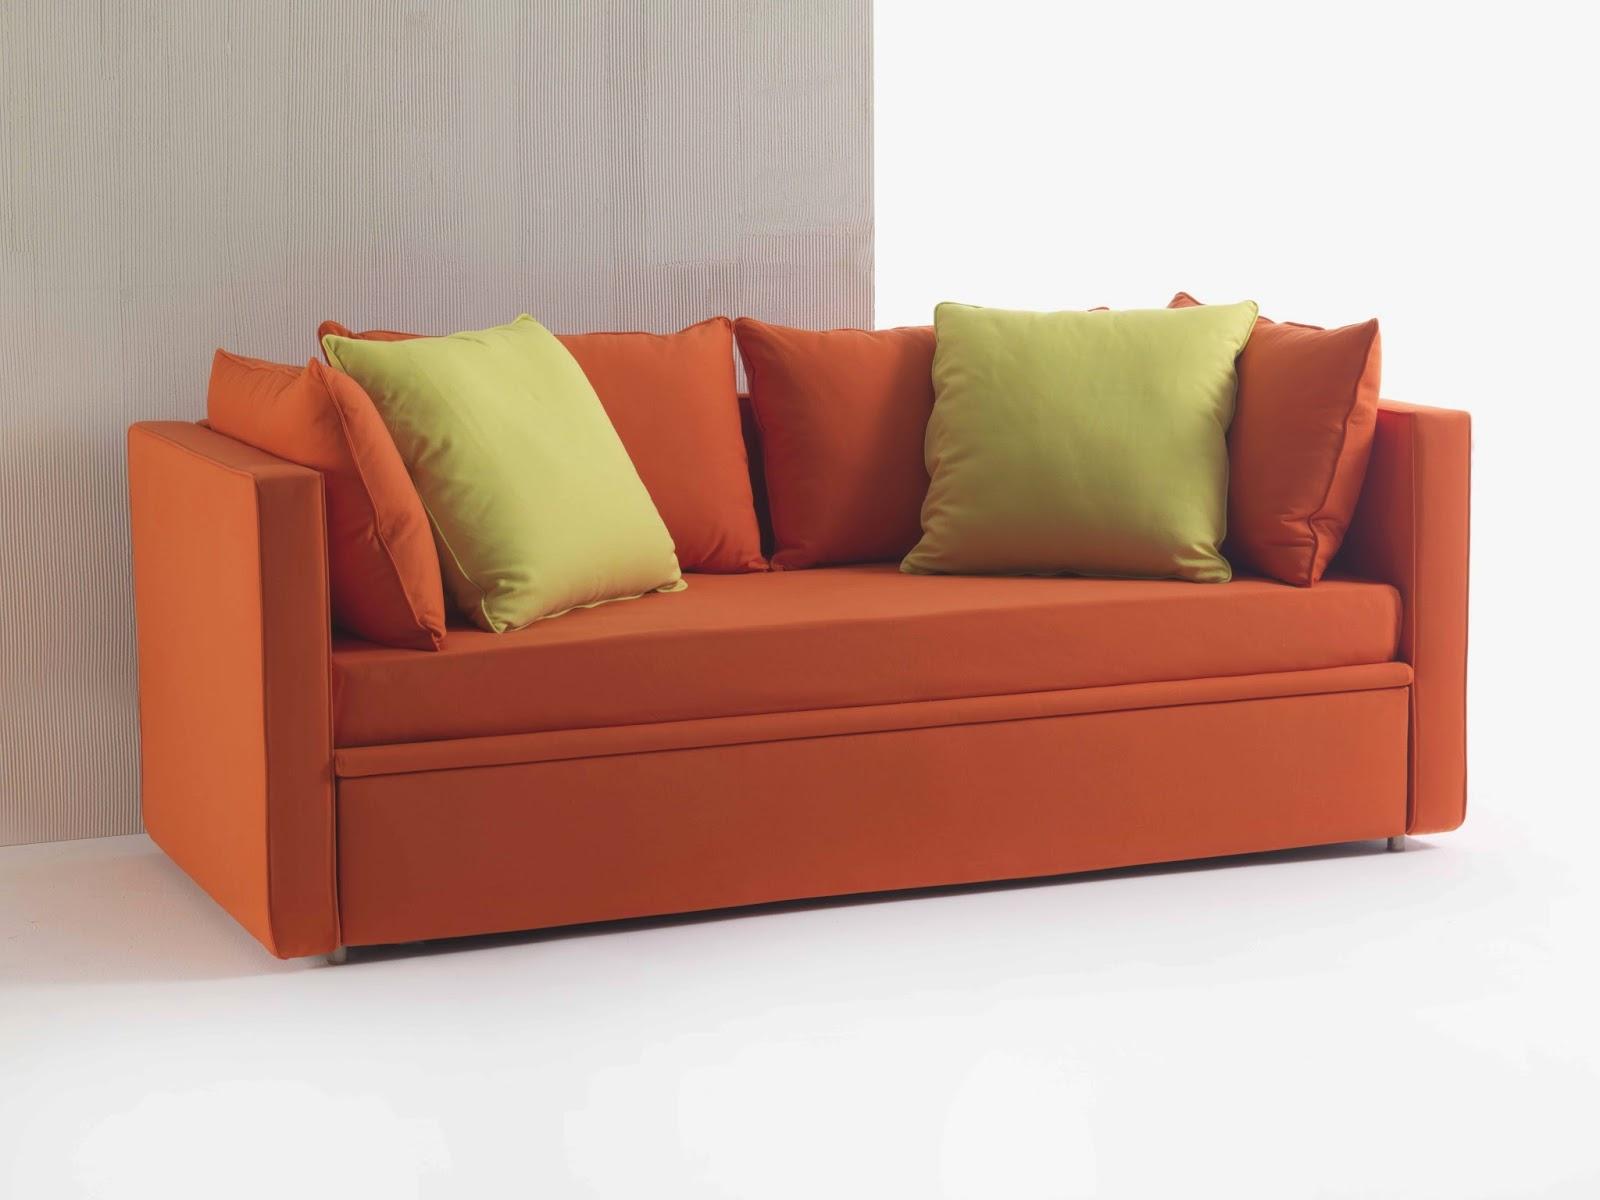 Santambrogio salotti produzione e vendita di divani e letti anche su misura e 39 nato comodo - Dove comprare un letto matrimoniale ...